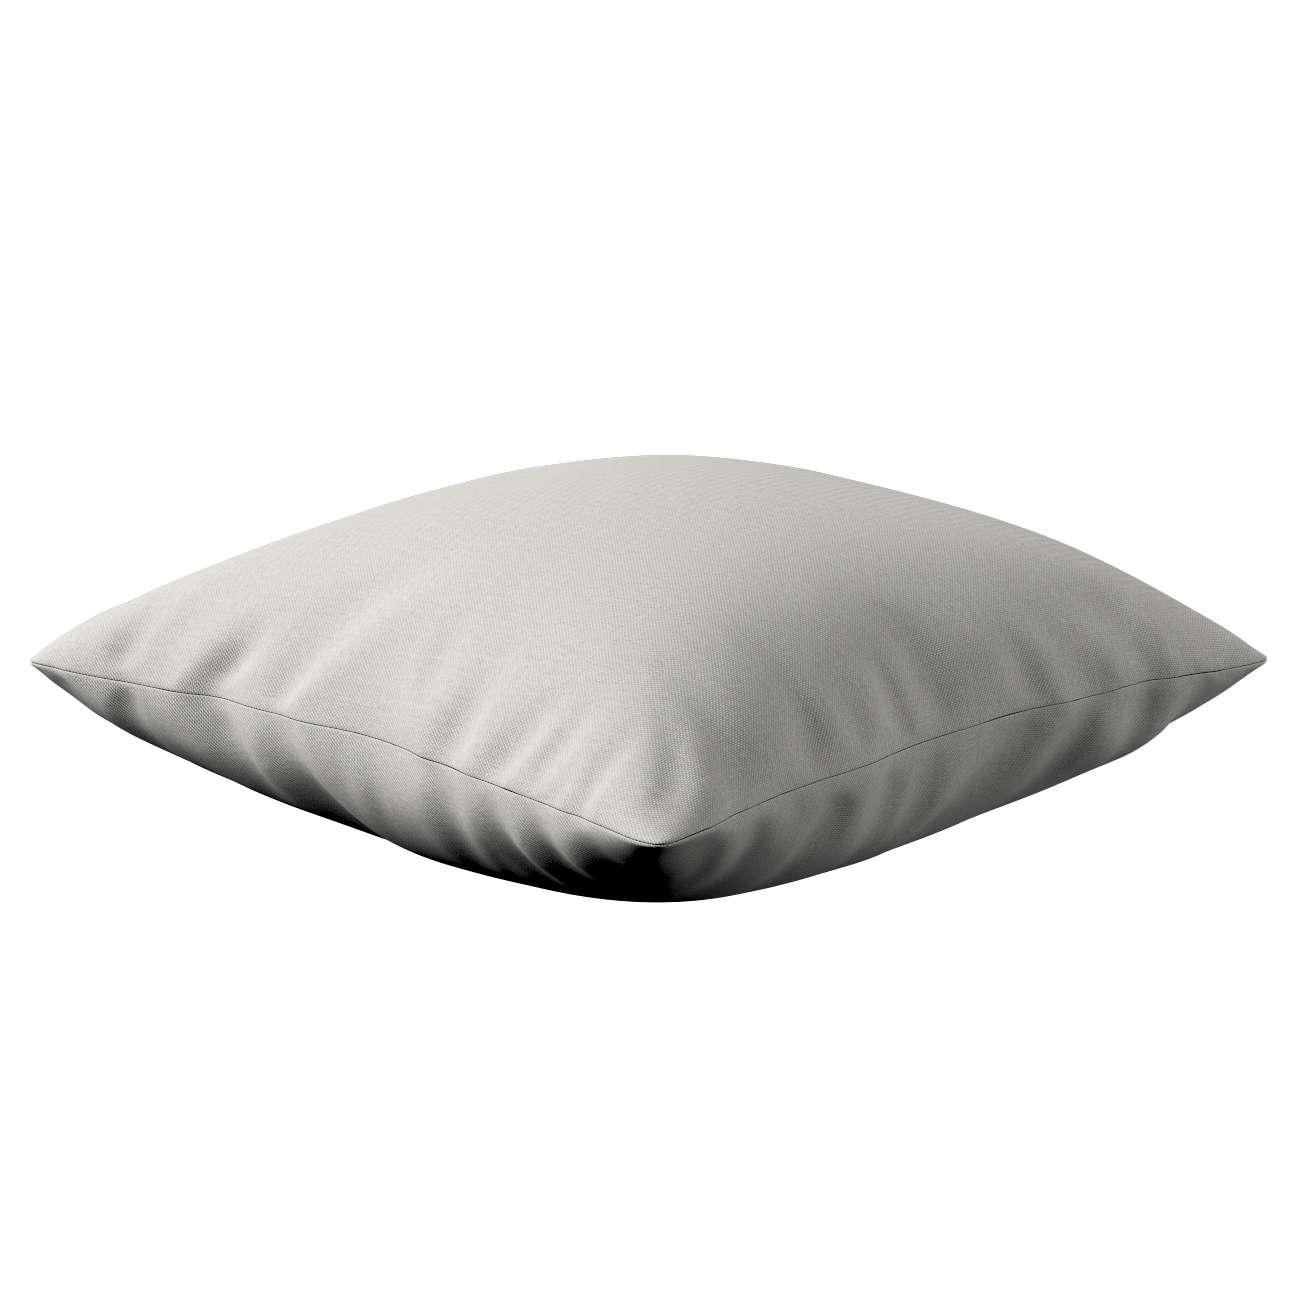 Kinga dekoratyvinės pagalvėlės užvalkalas 43 x 43 cm kolekcijoje Etna , audinys: 705-90